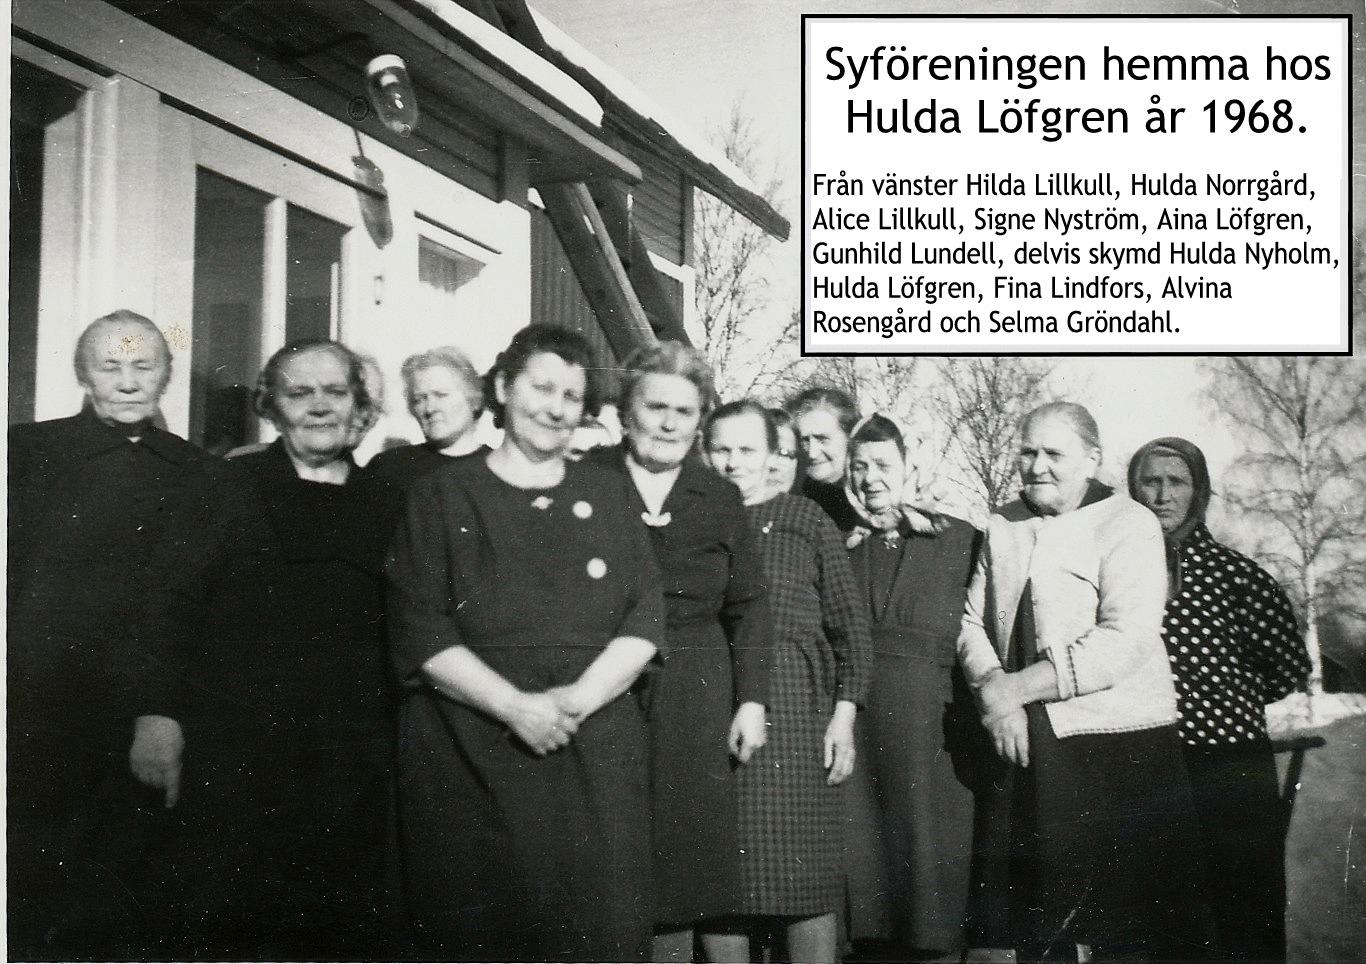 Symöte hos Hulda Löfgren 1968